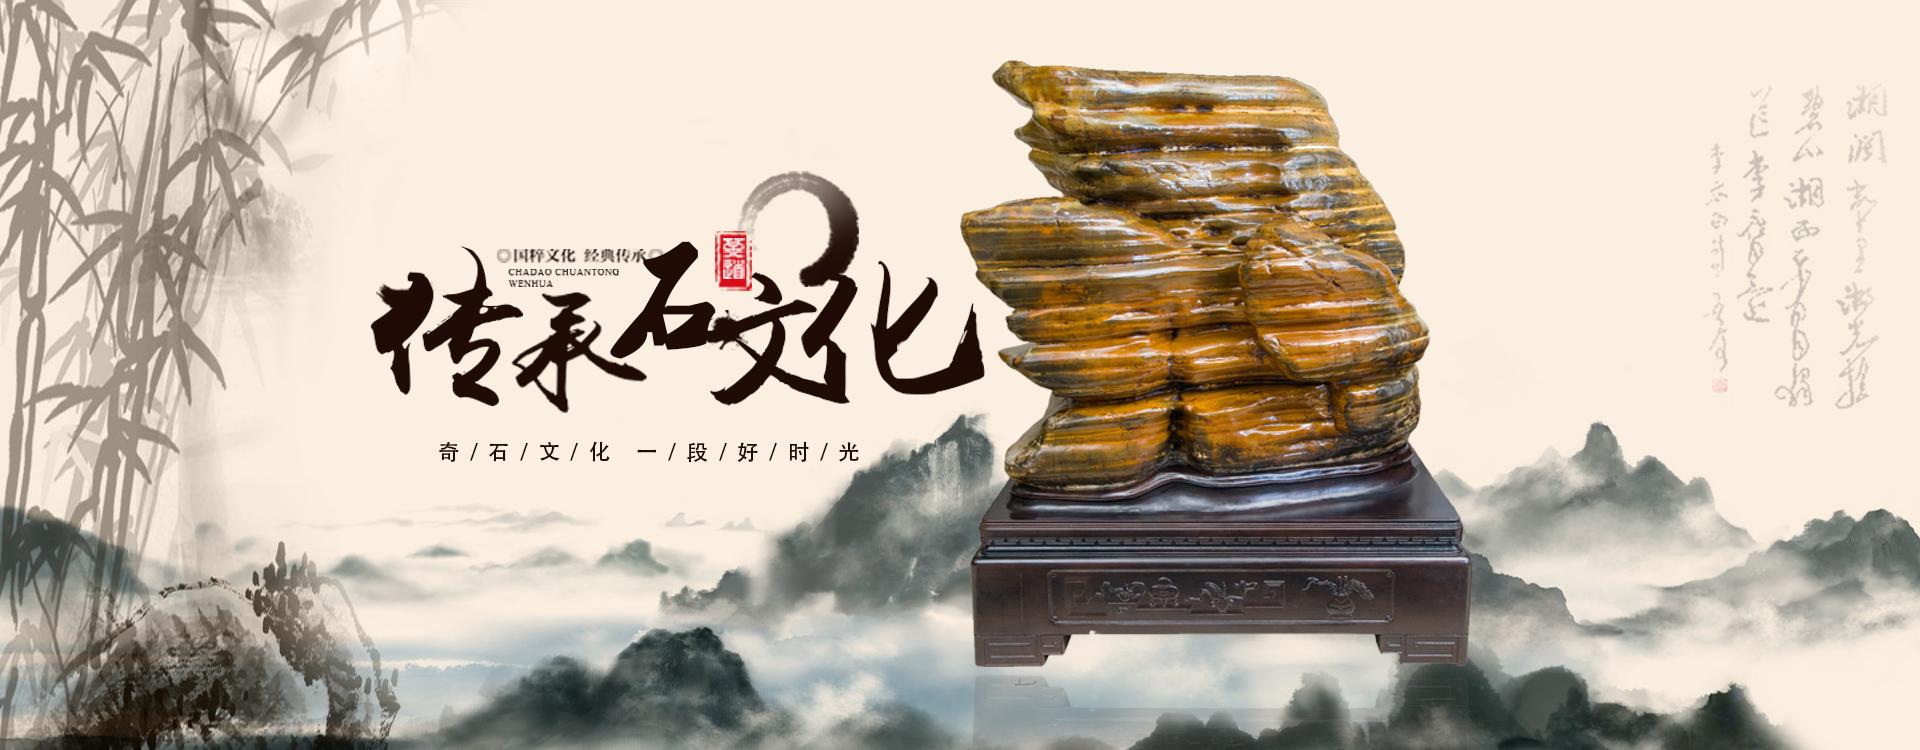 柳州奇石市场